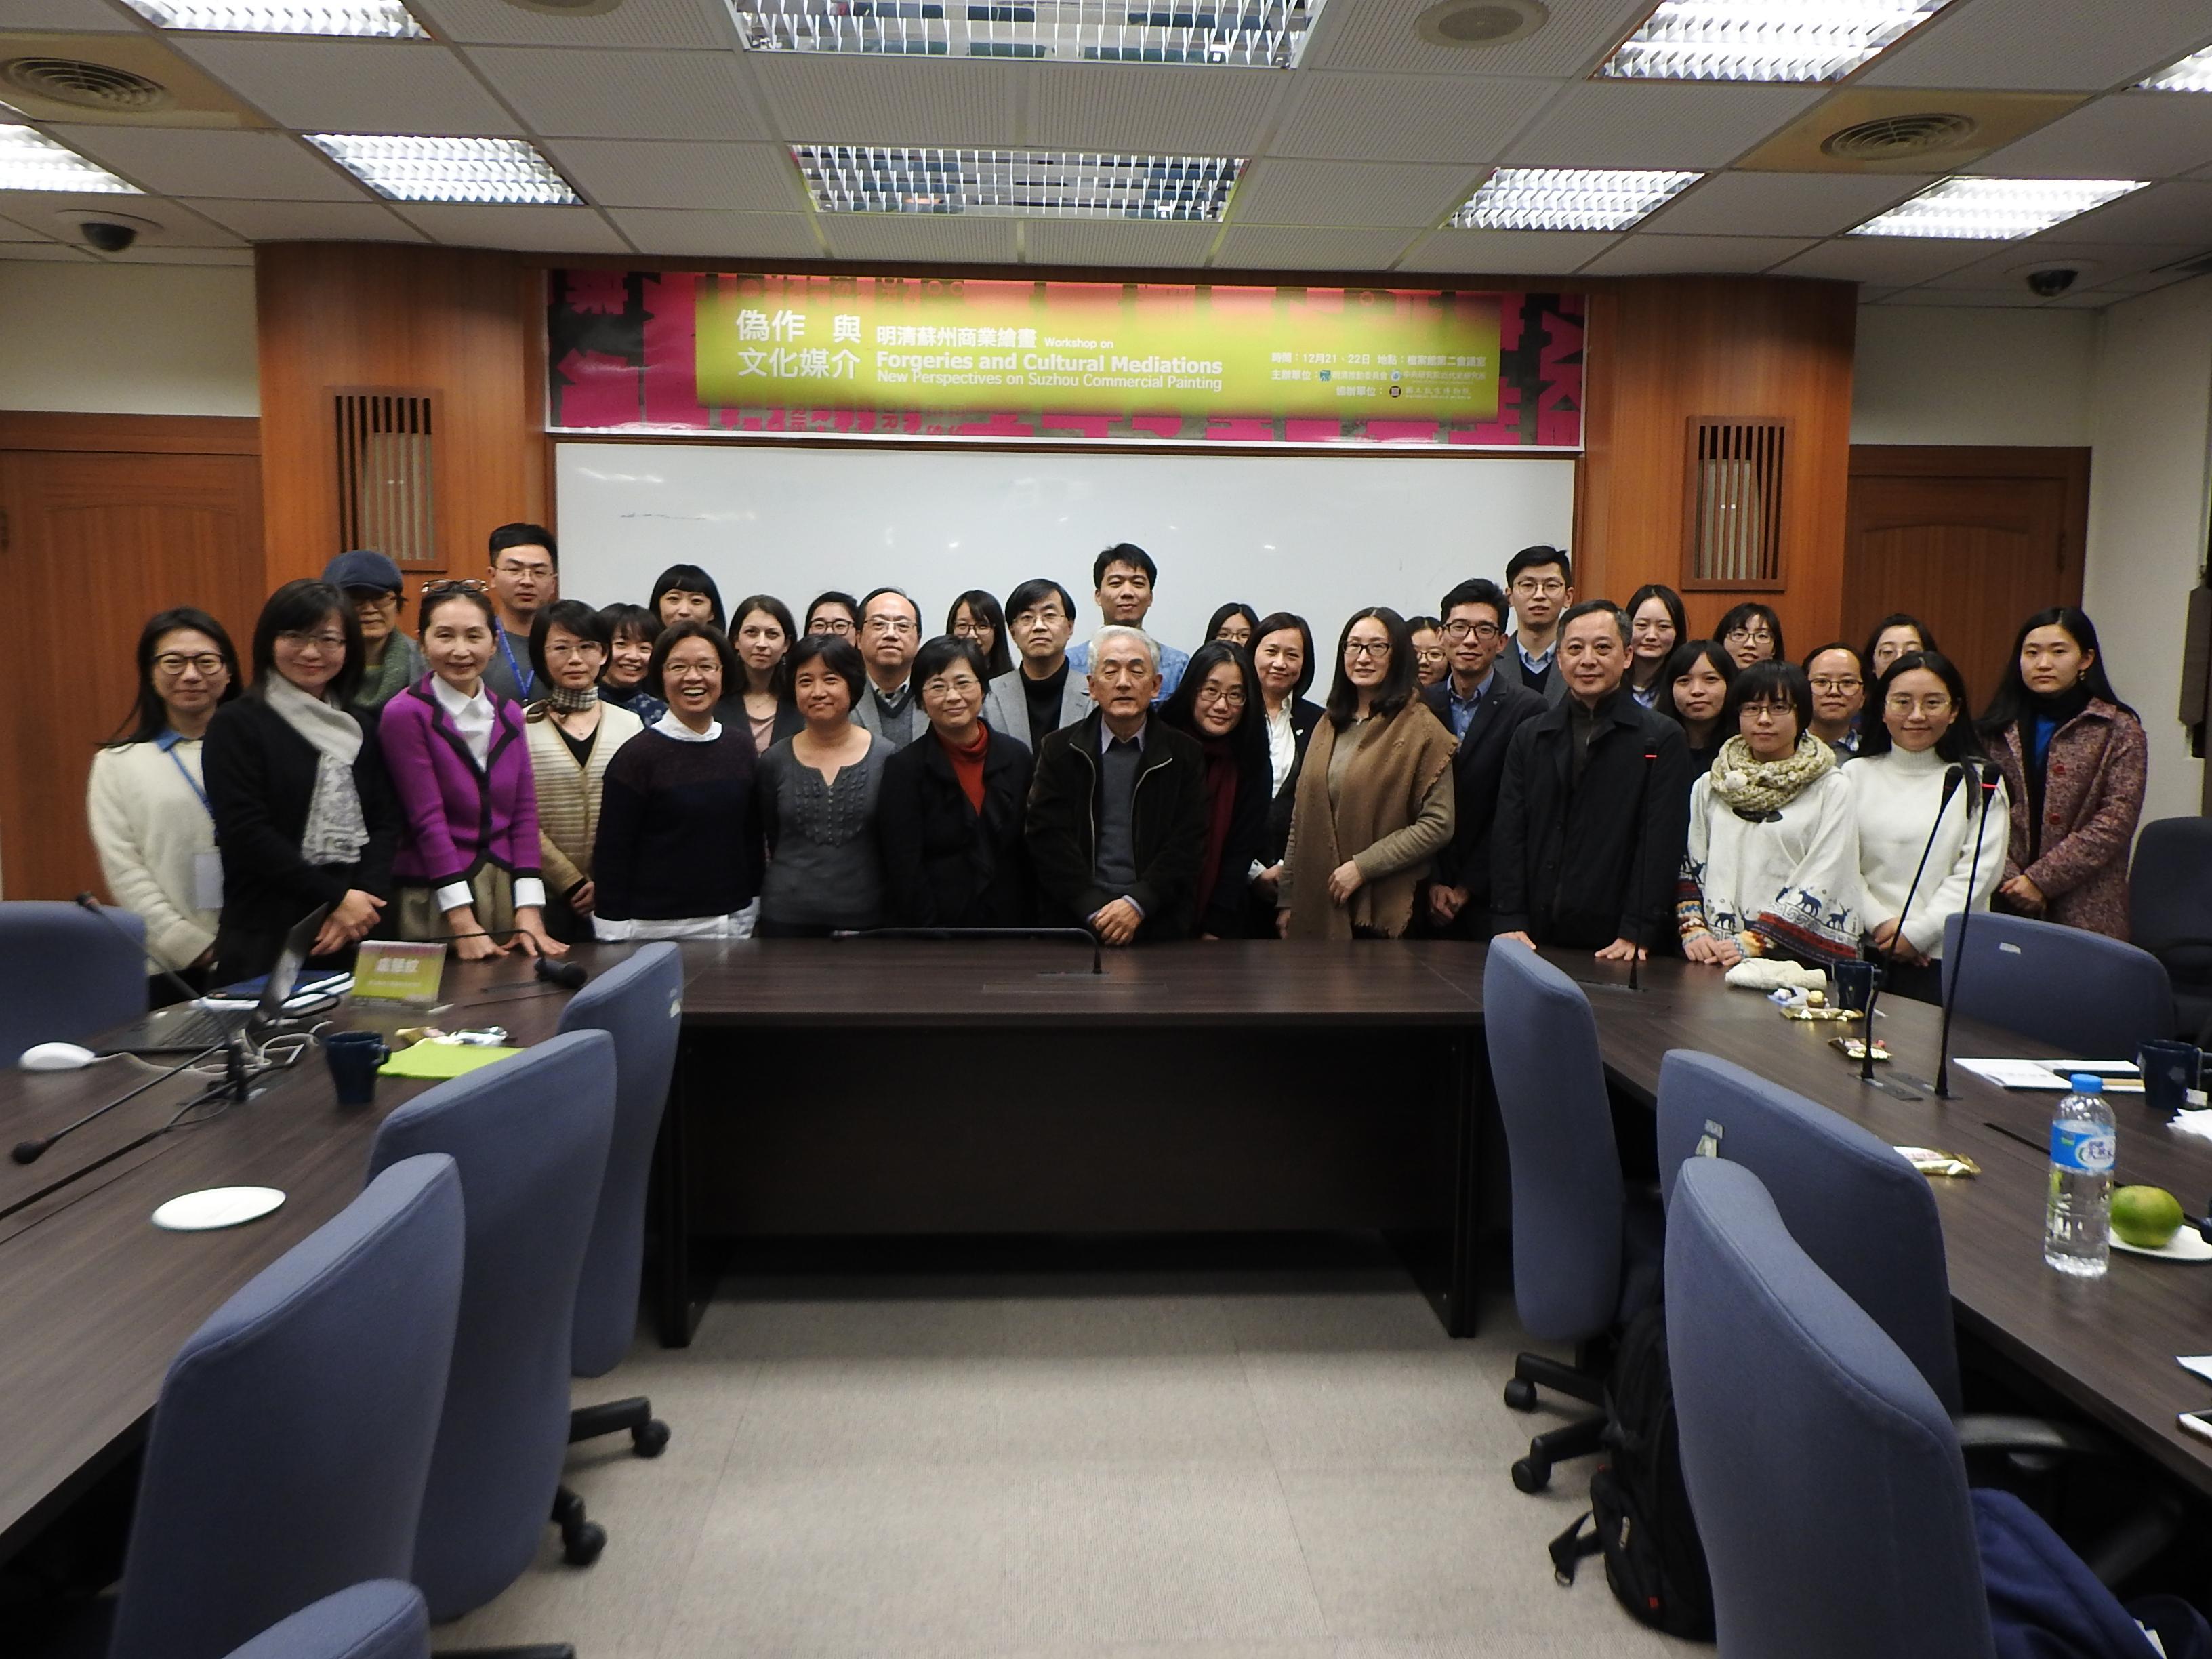 「偽作與文化媒介:明清蘇州商業繪畫工作坊」會議報導